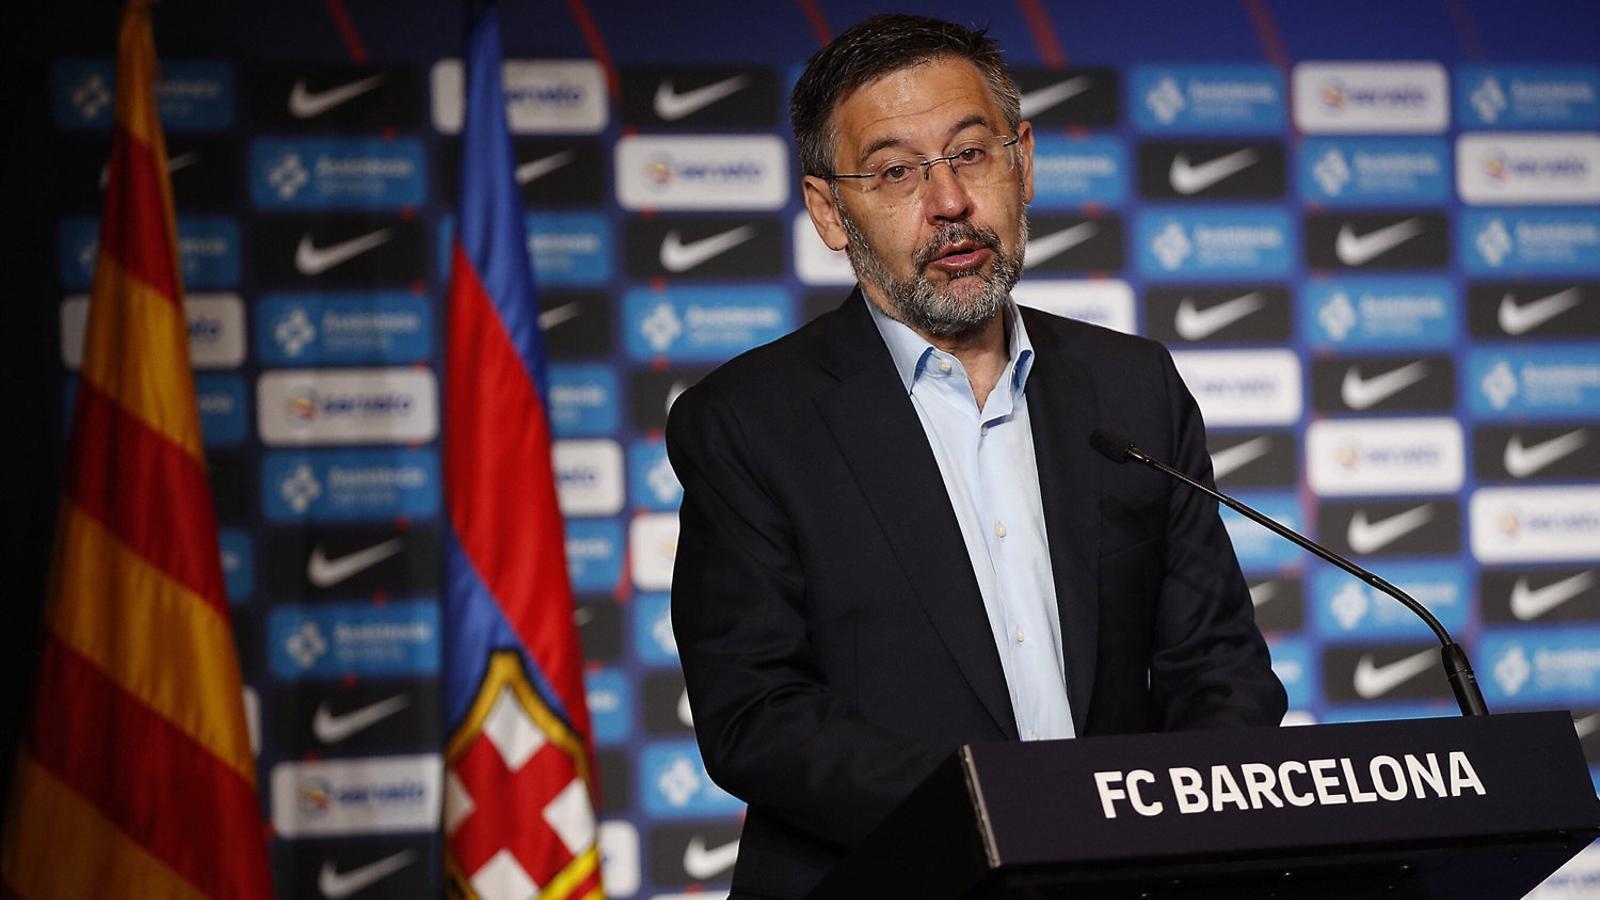 Josep Maria Bartomeu durant la compareixença davant dels mitjans de comunicació per presentar Sarunas Jasikevicius.